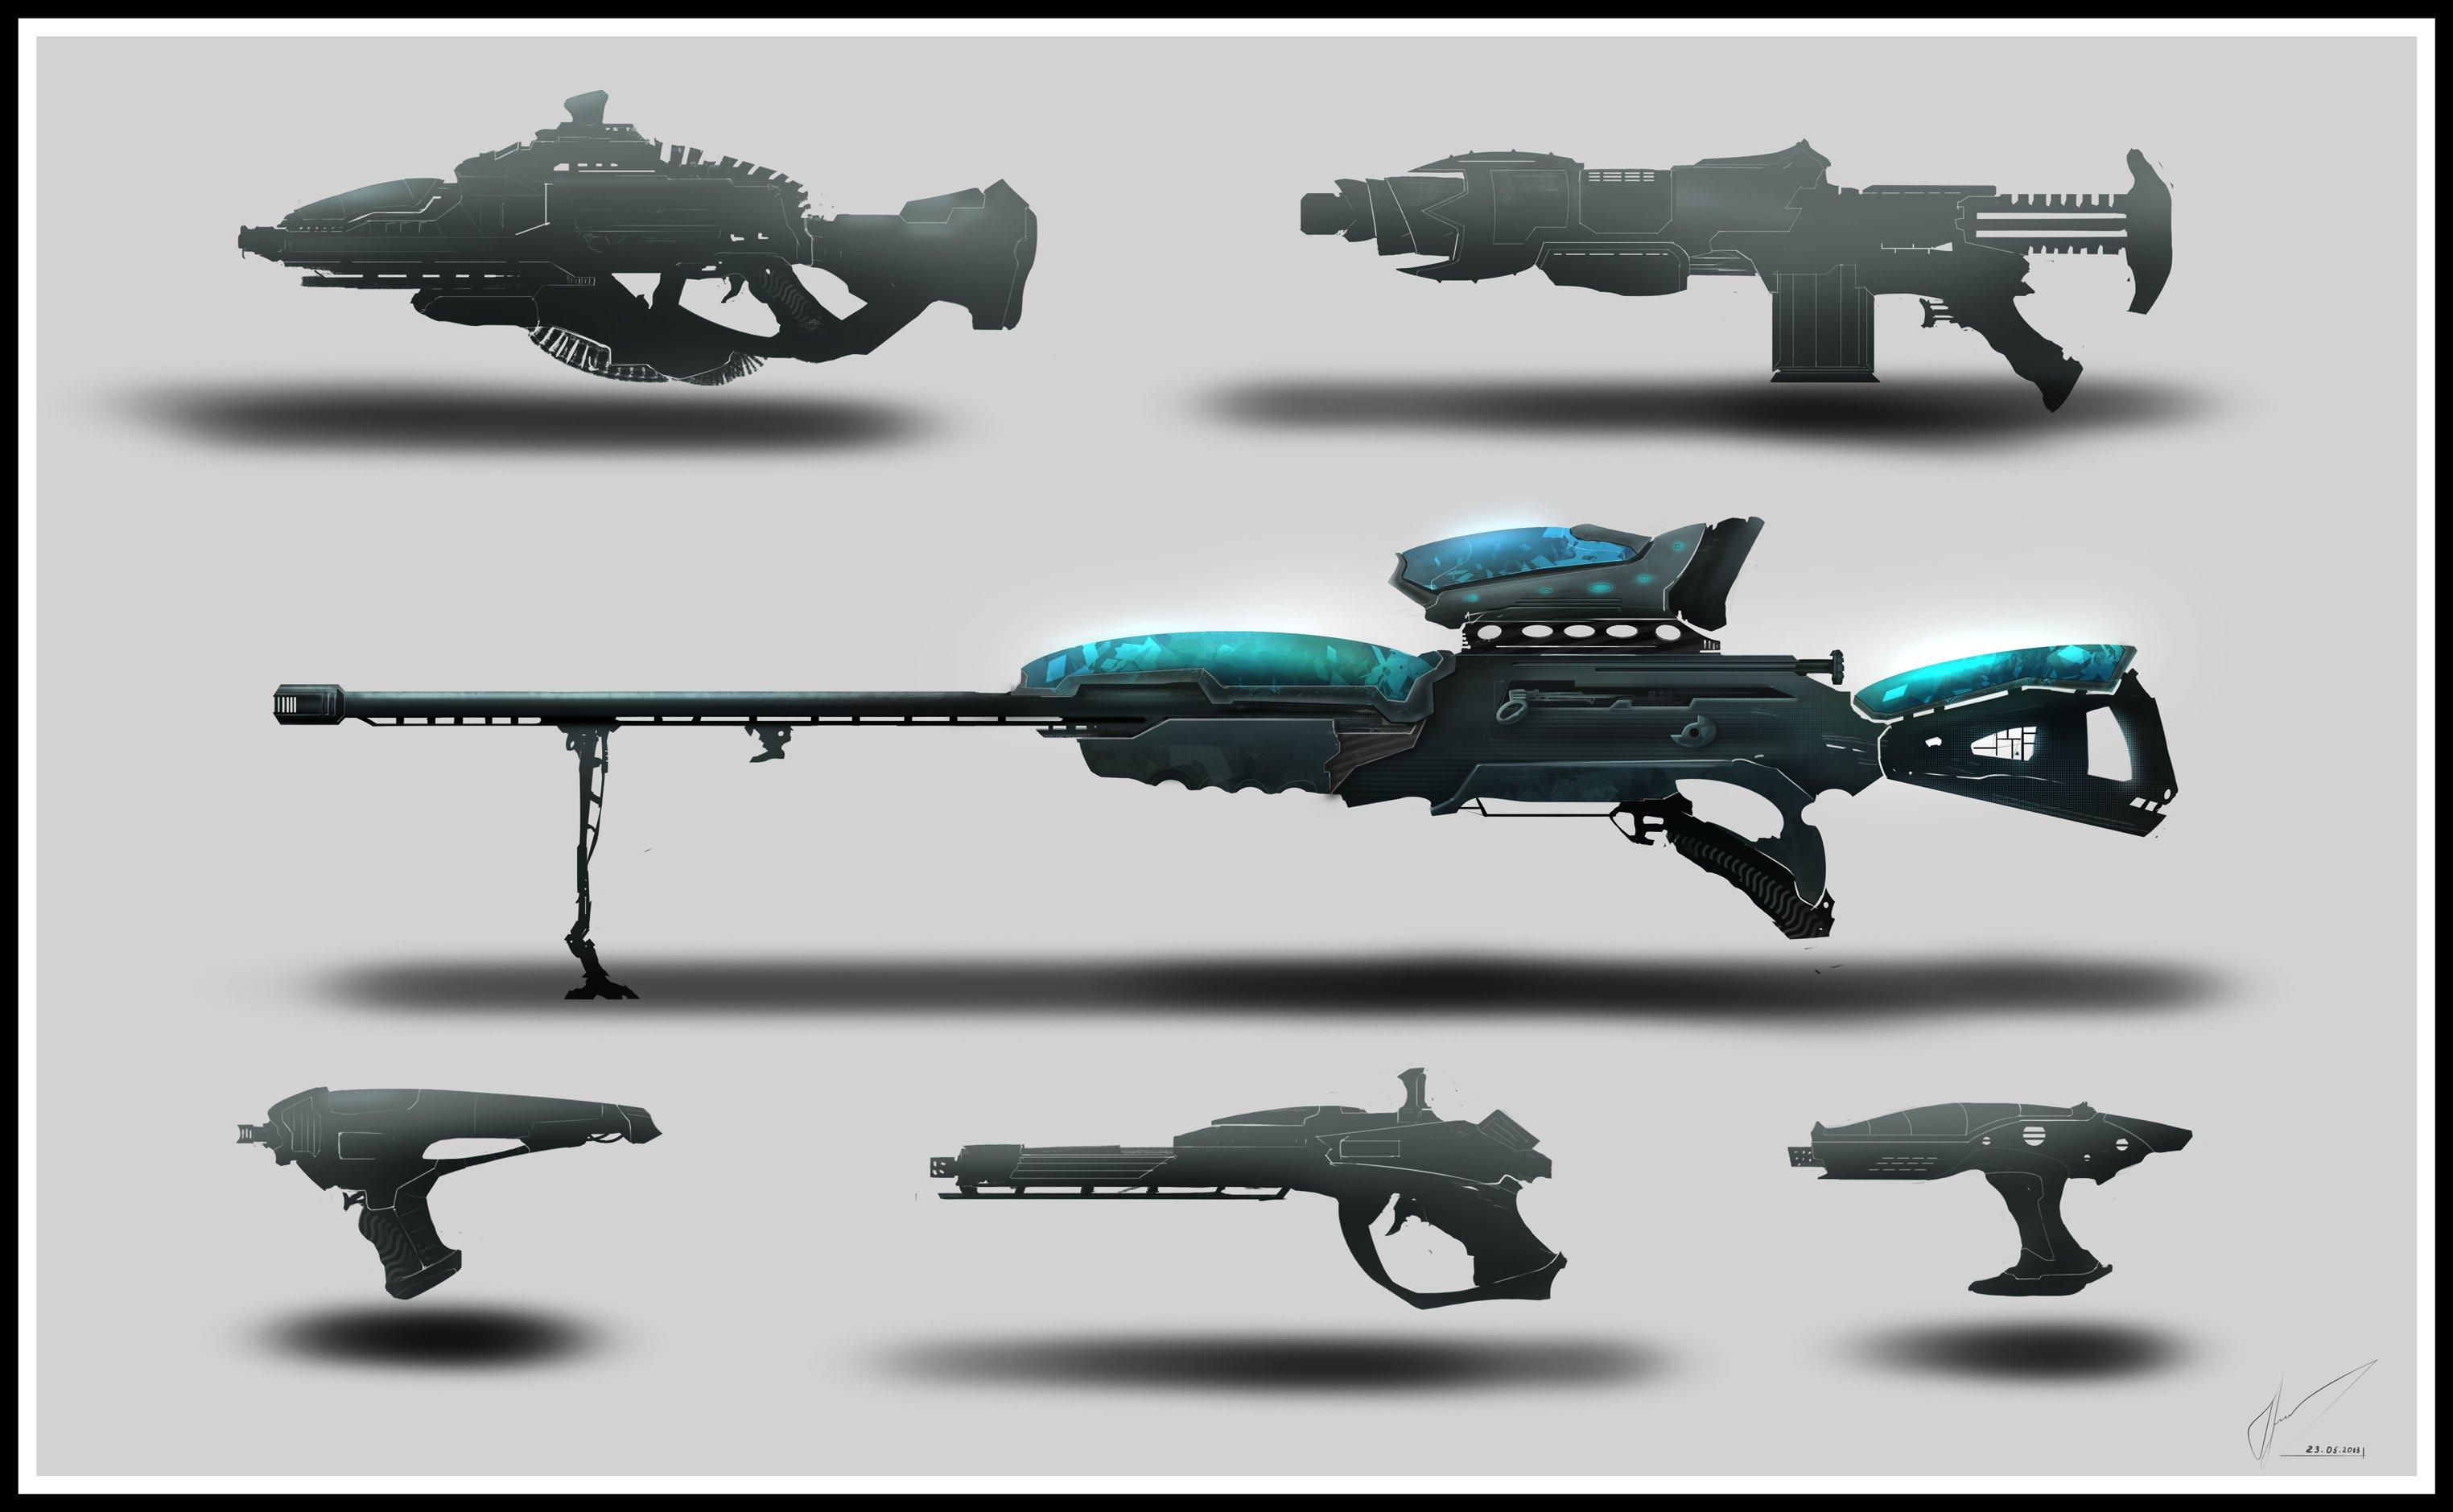 и ещё немного концепта, на этот рас оружие...Люблю снайперские винтовки! - Изображение 1